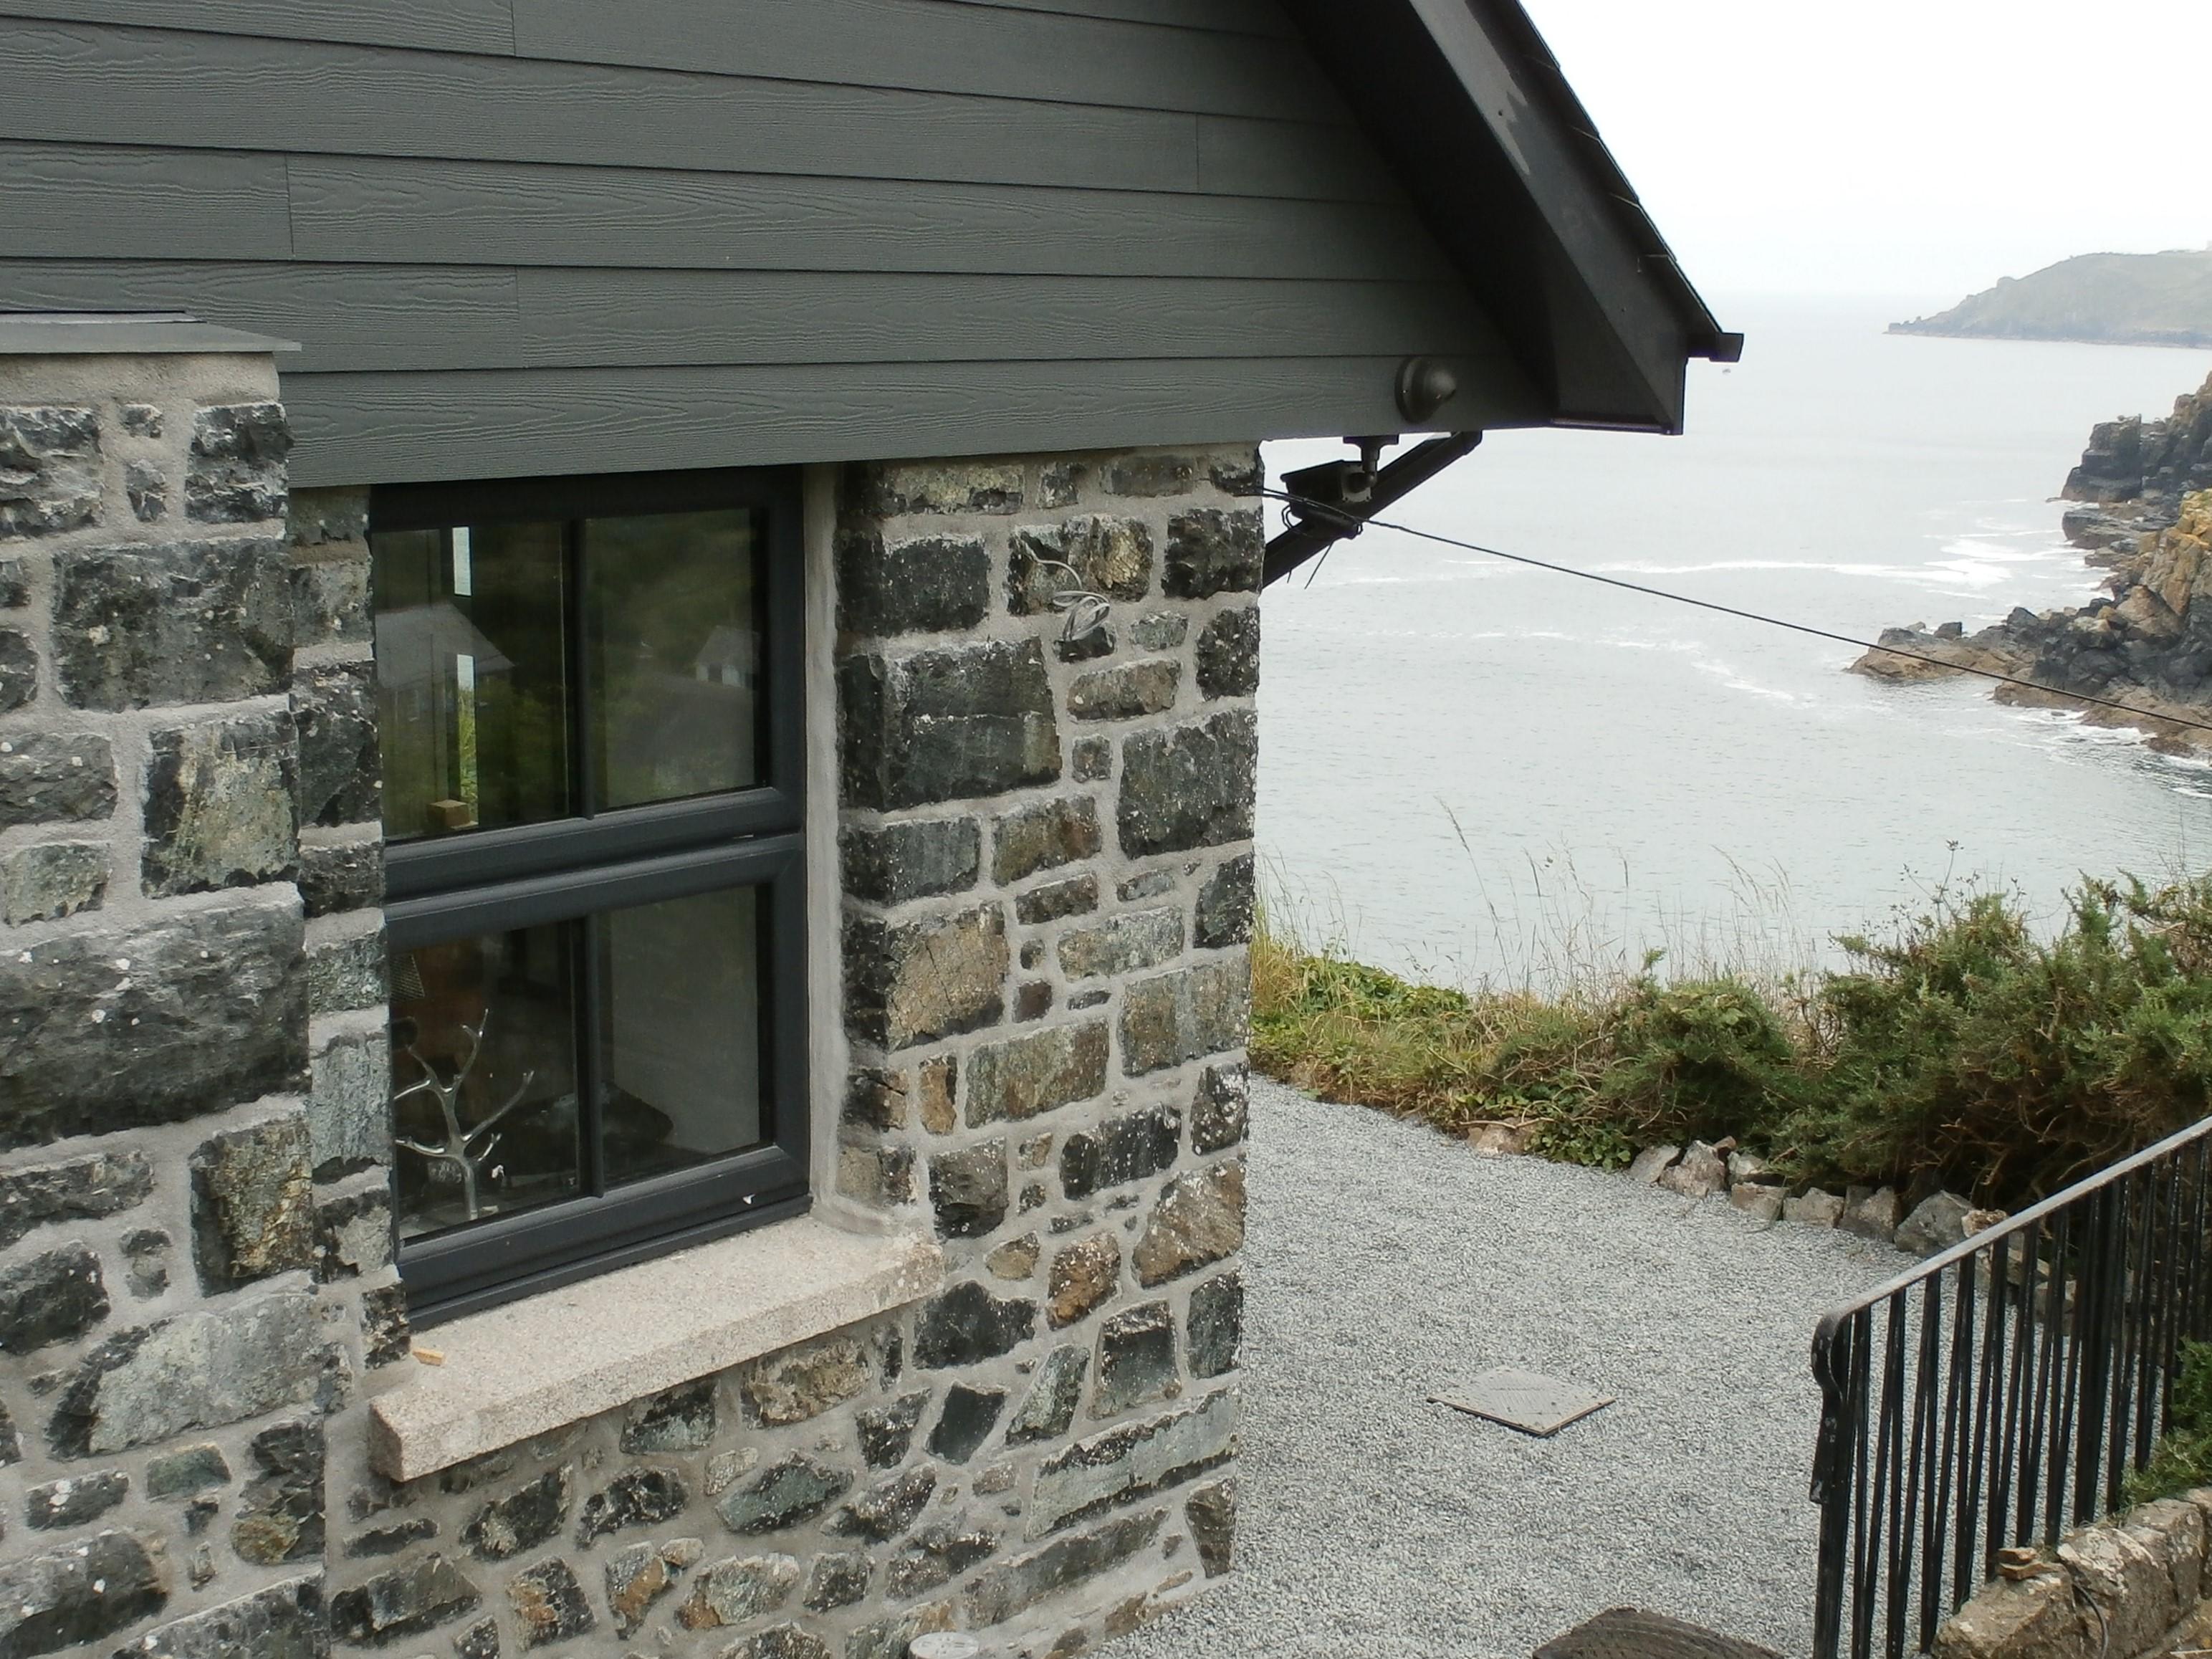 Grey upvc window